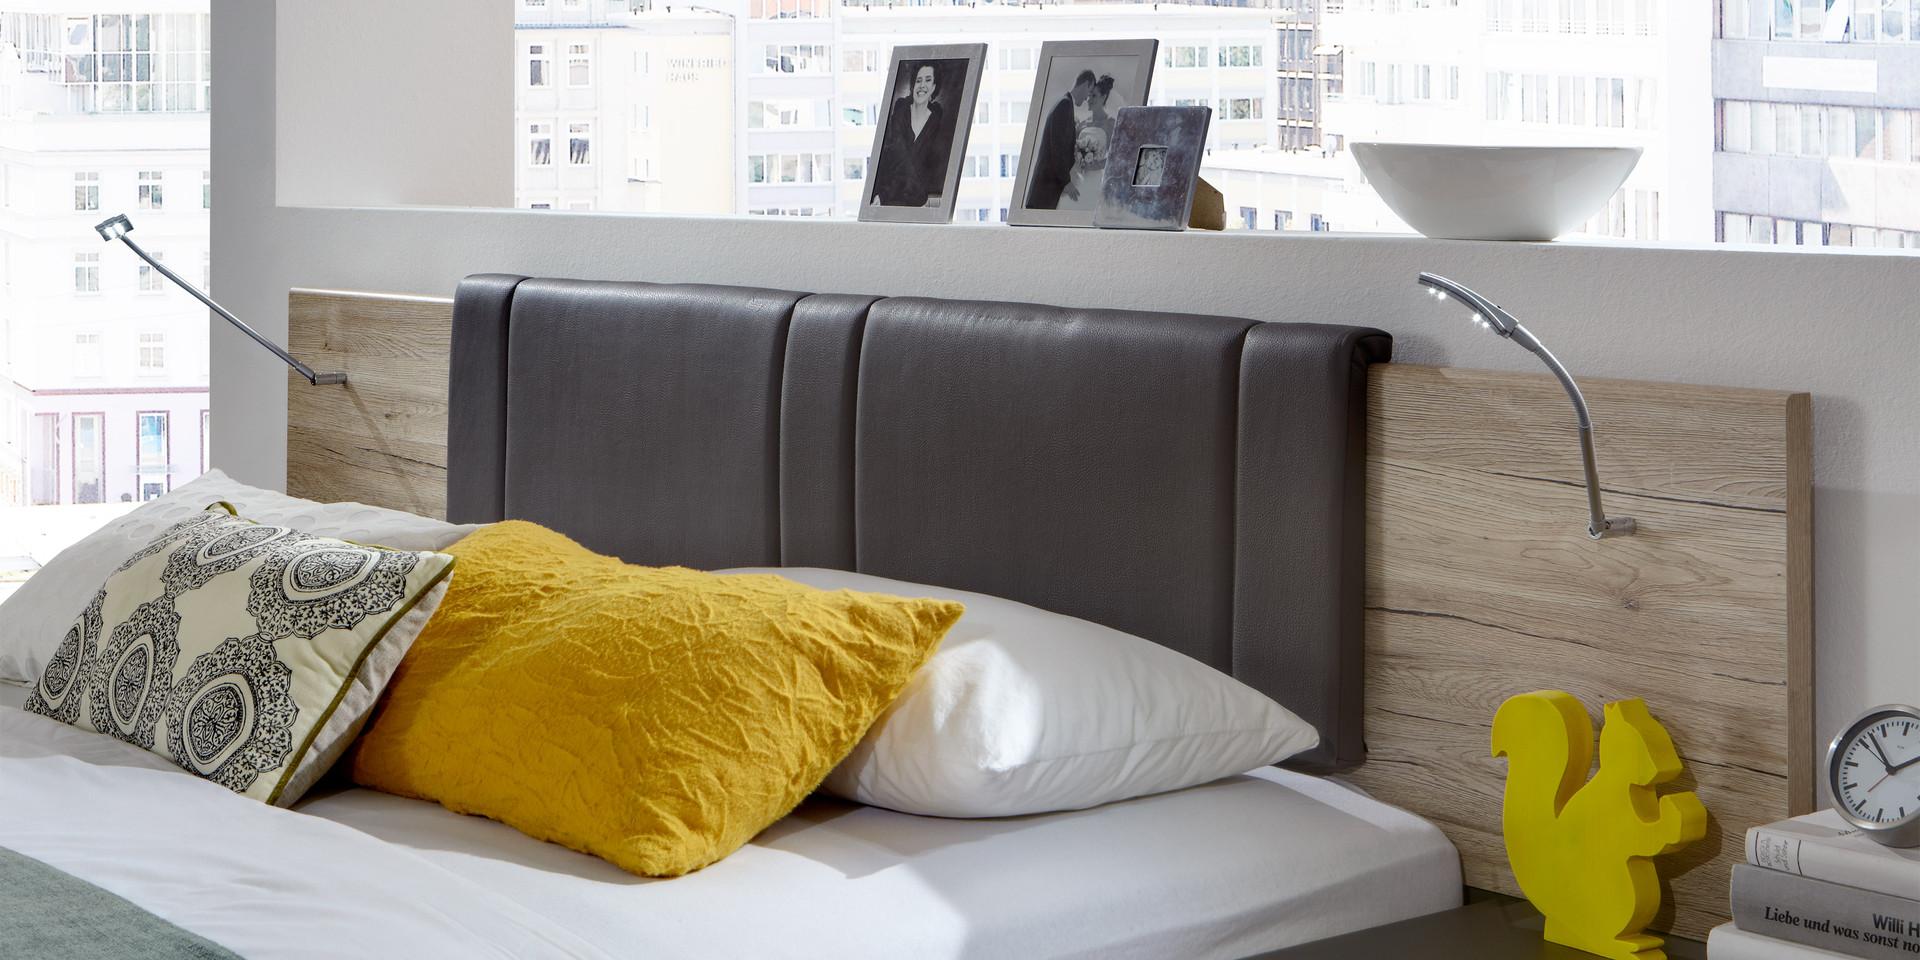 Kleuren slaapkamer betekenis ~ [spscents.com]